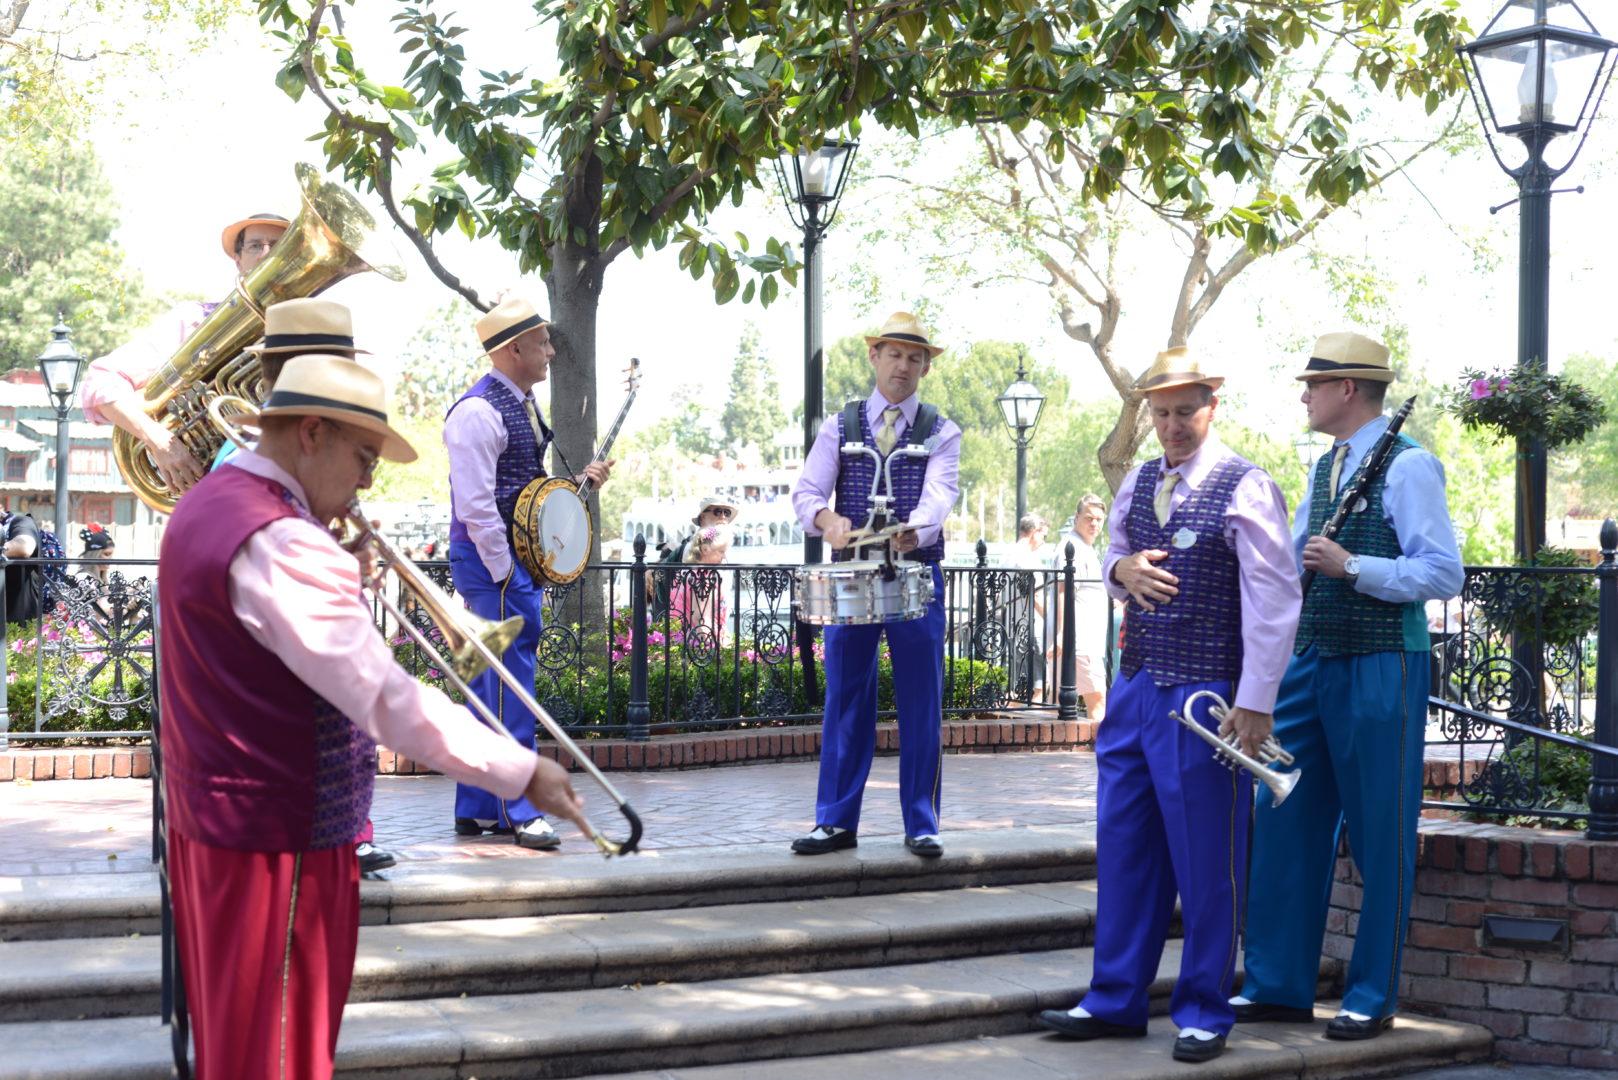 Jambalaya Jazz Band playing in New Orleans Square at Disneyland